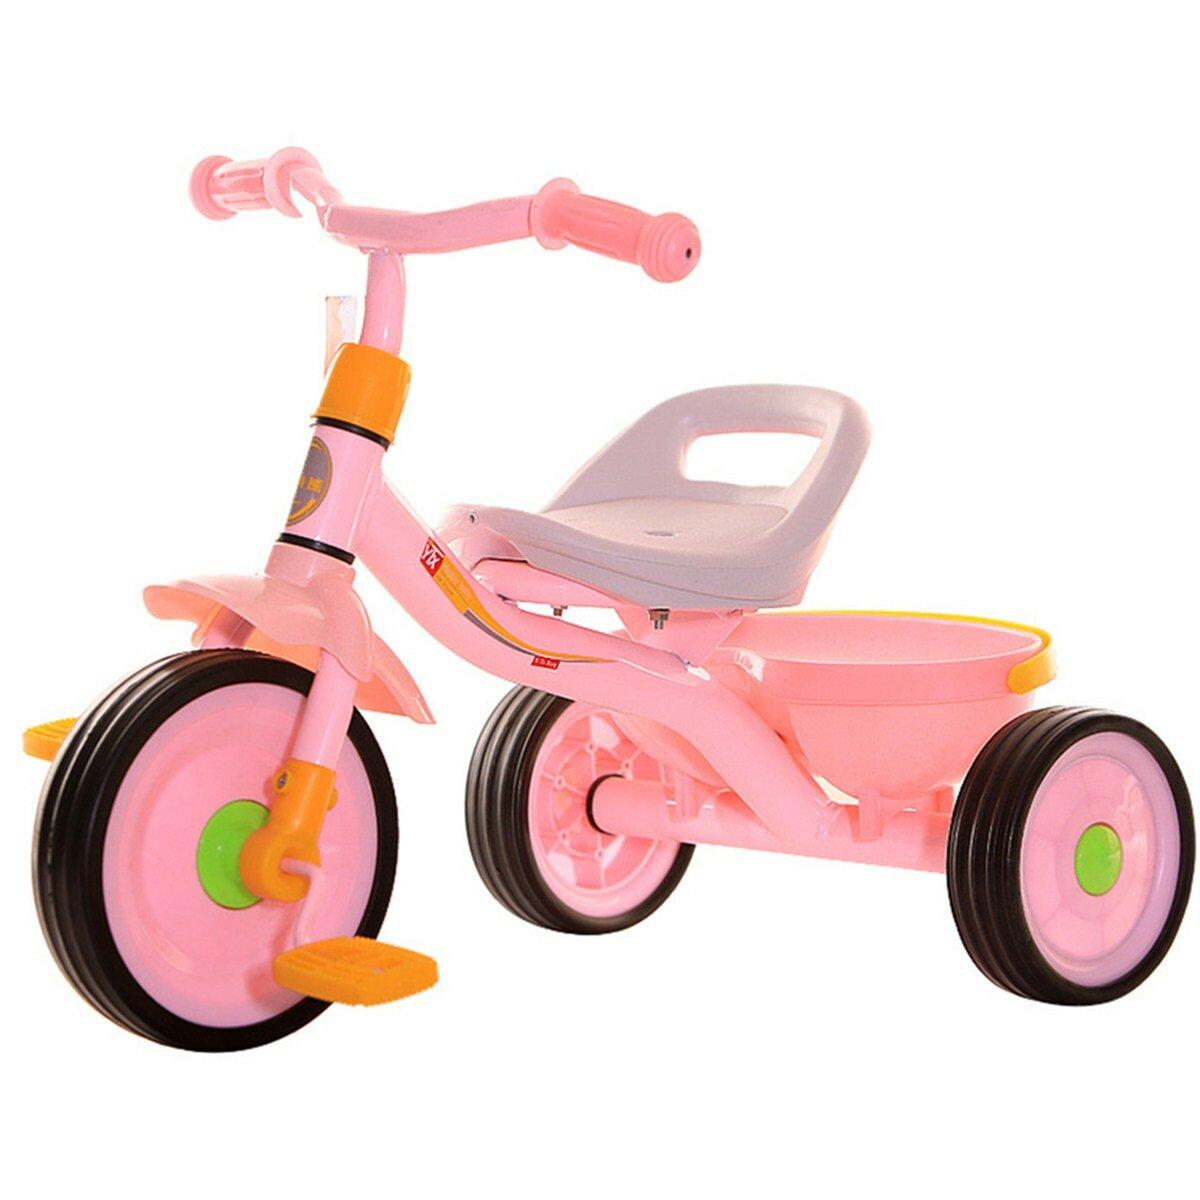 عربة أطفال ثلاثية العجلات قابلة للتعديل ، مشاية آمنة للأطفال لعمر 2-4 سنوات